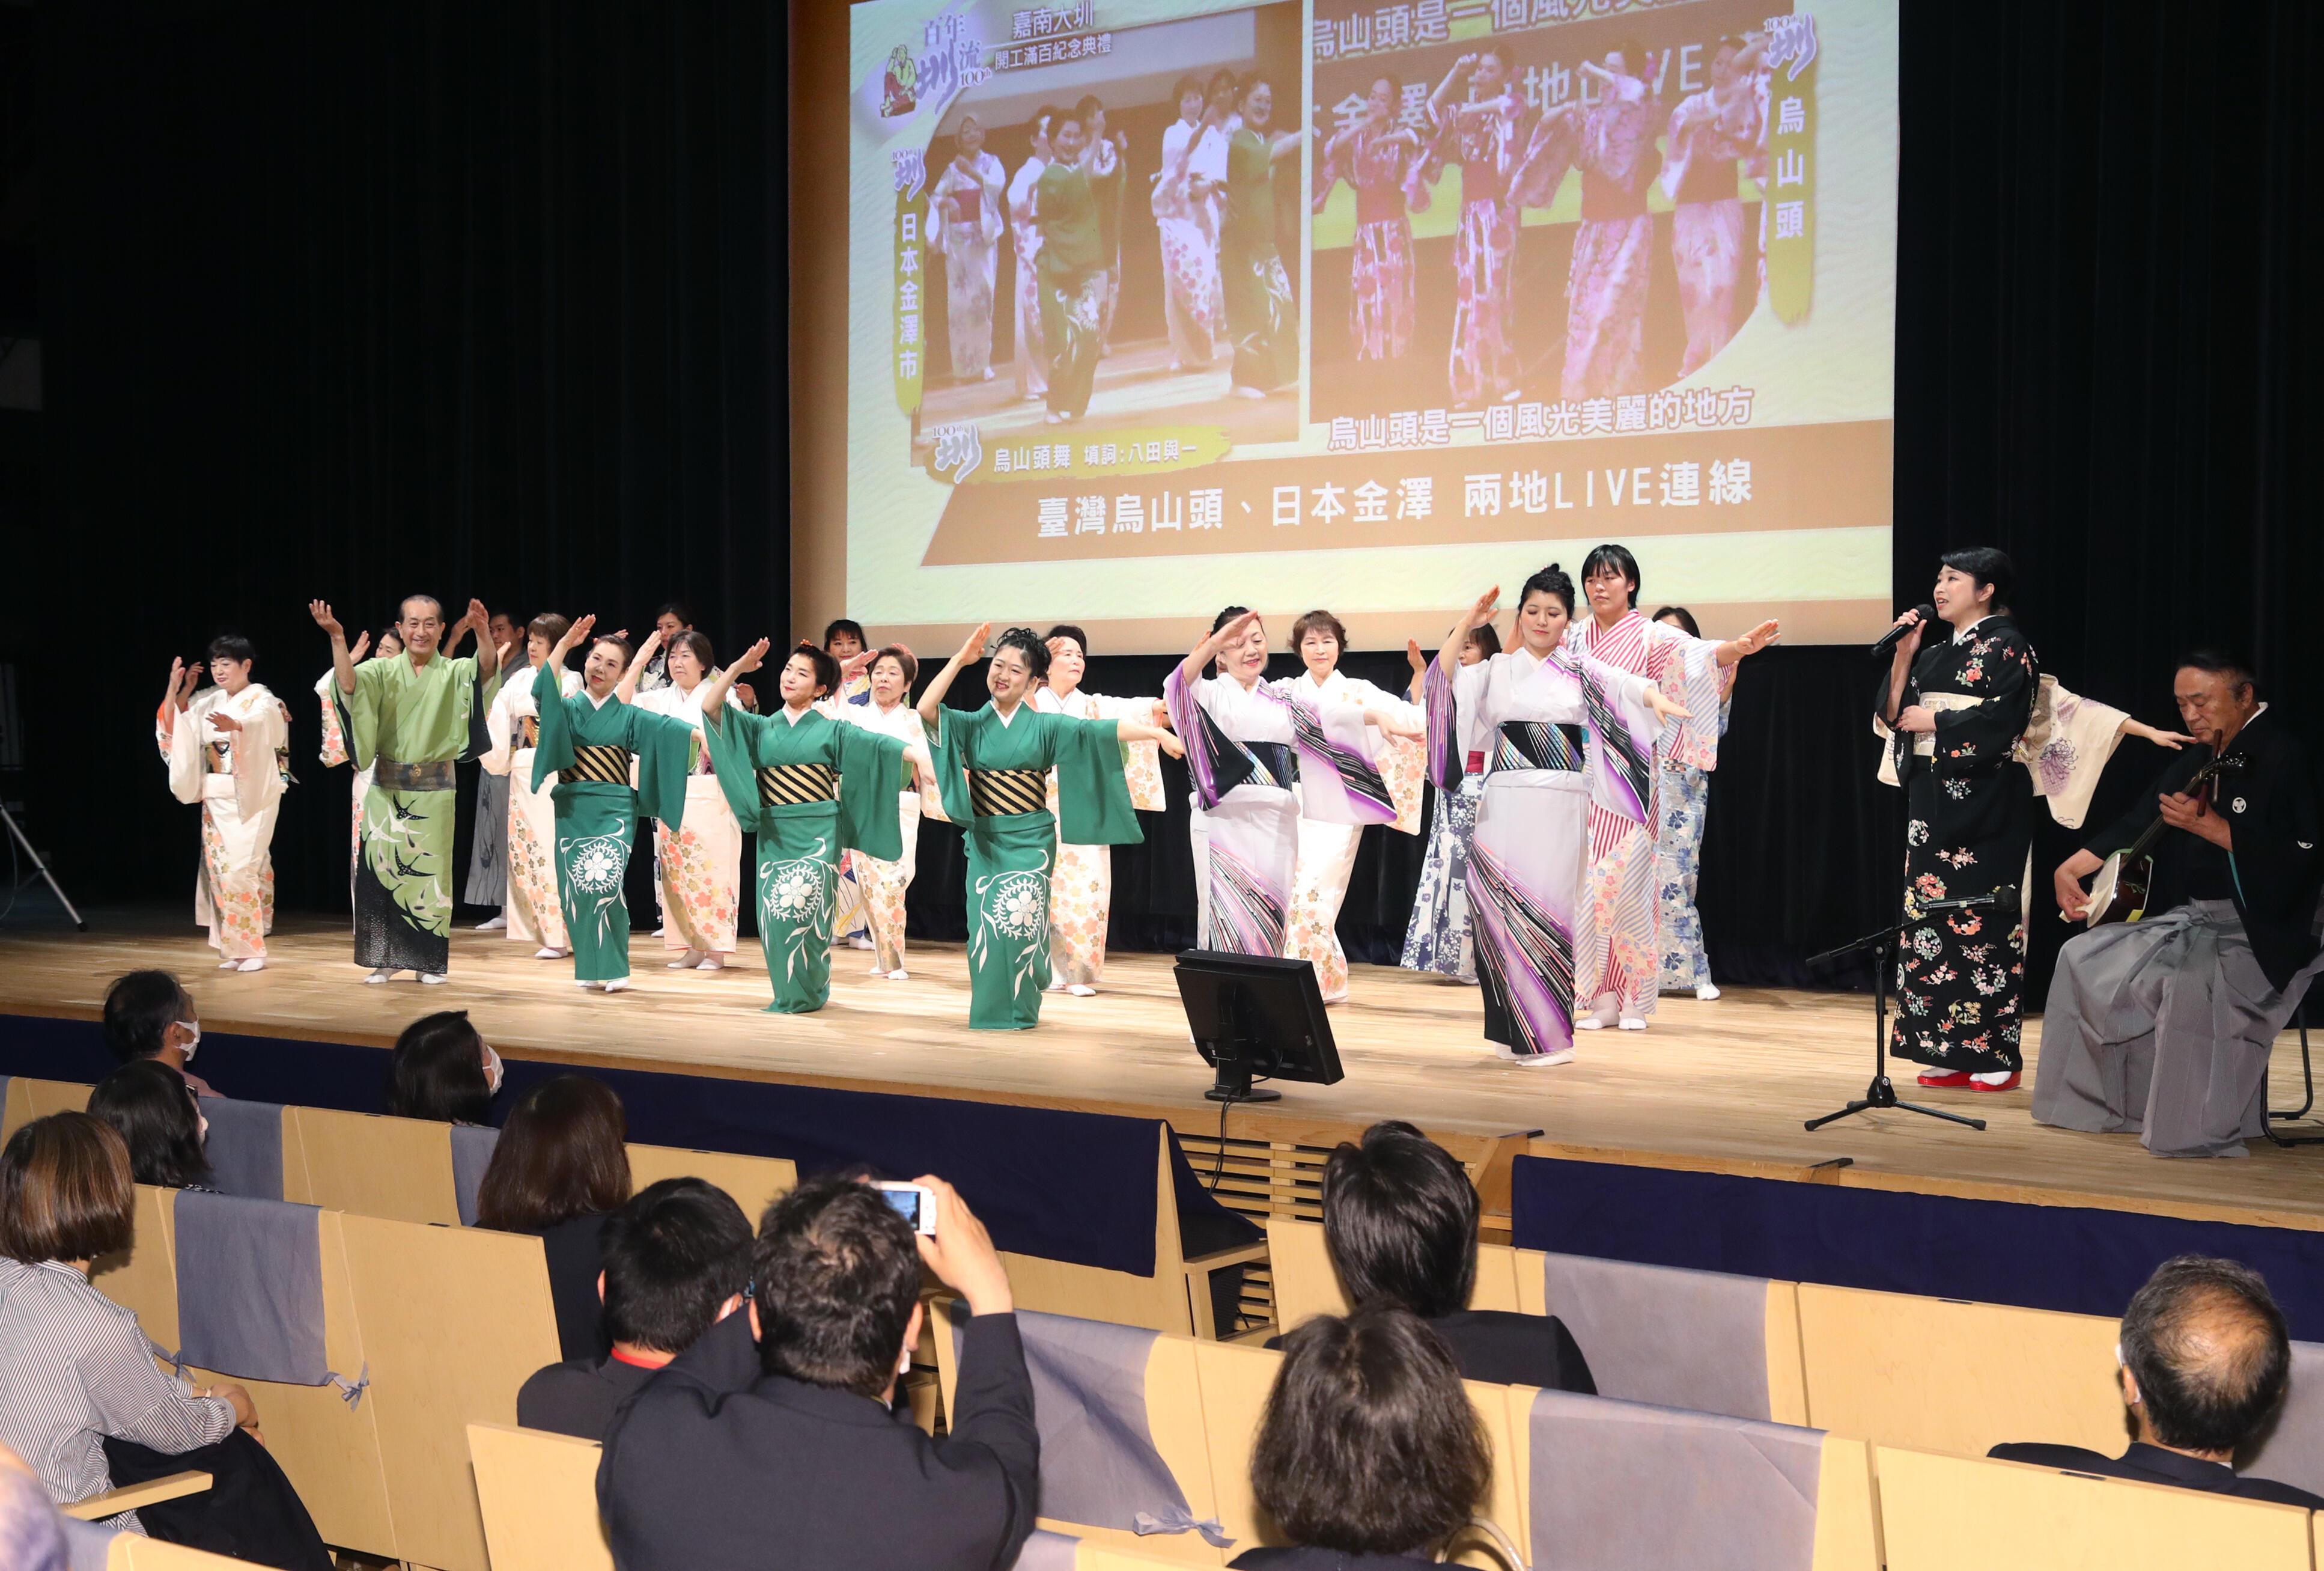 式典のフィナーレを飾った「烏山頭踊り」。金沢と台湾で同時に踊った=北國新聞赤羽ホール